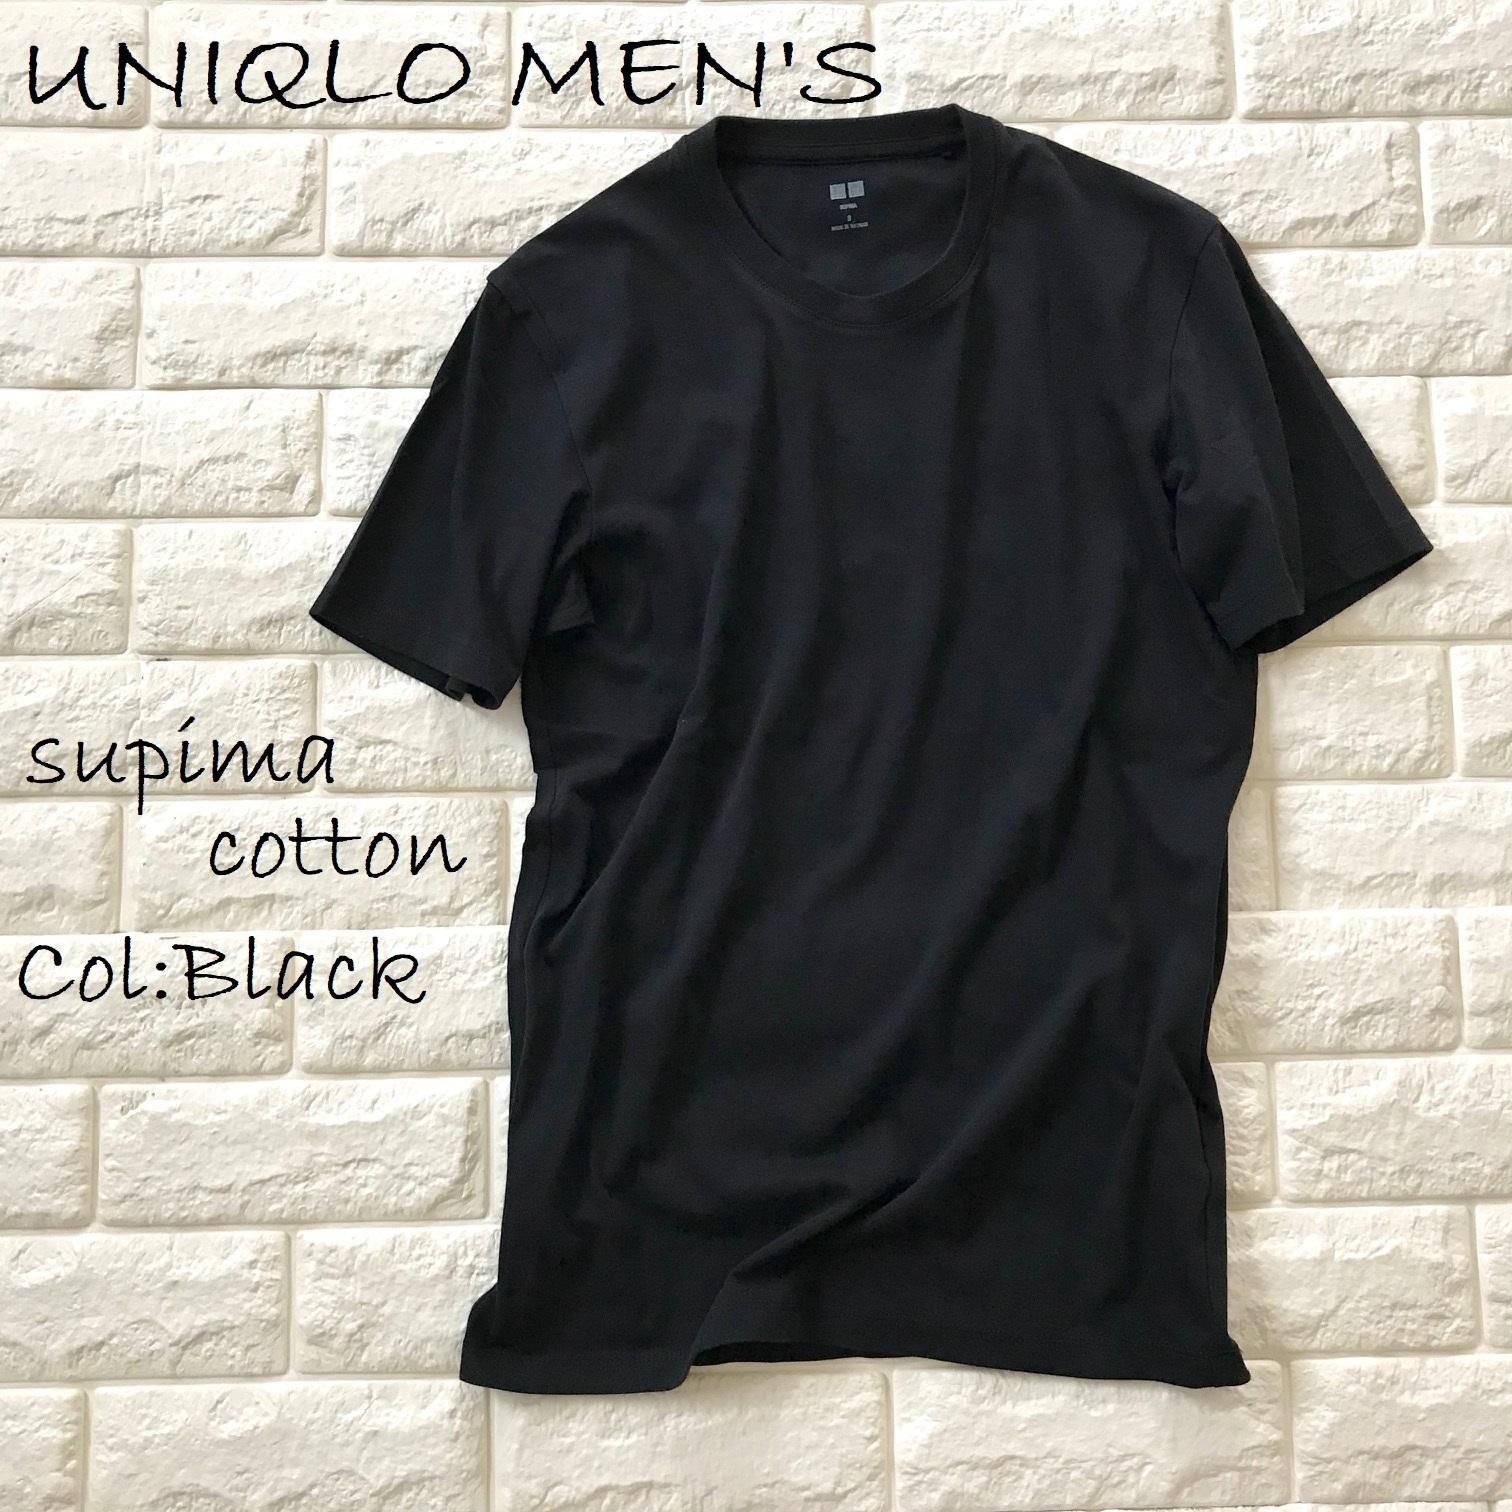 ユニクロメンズTシャツ画像